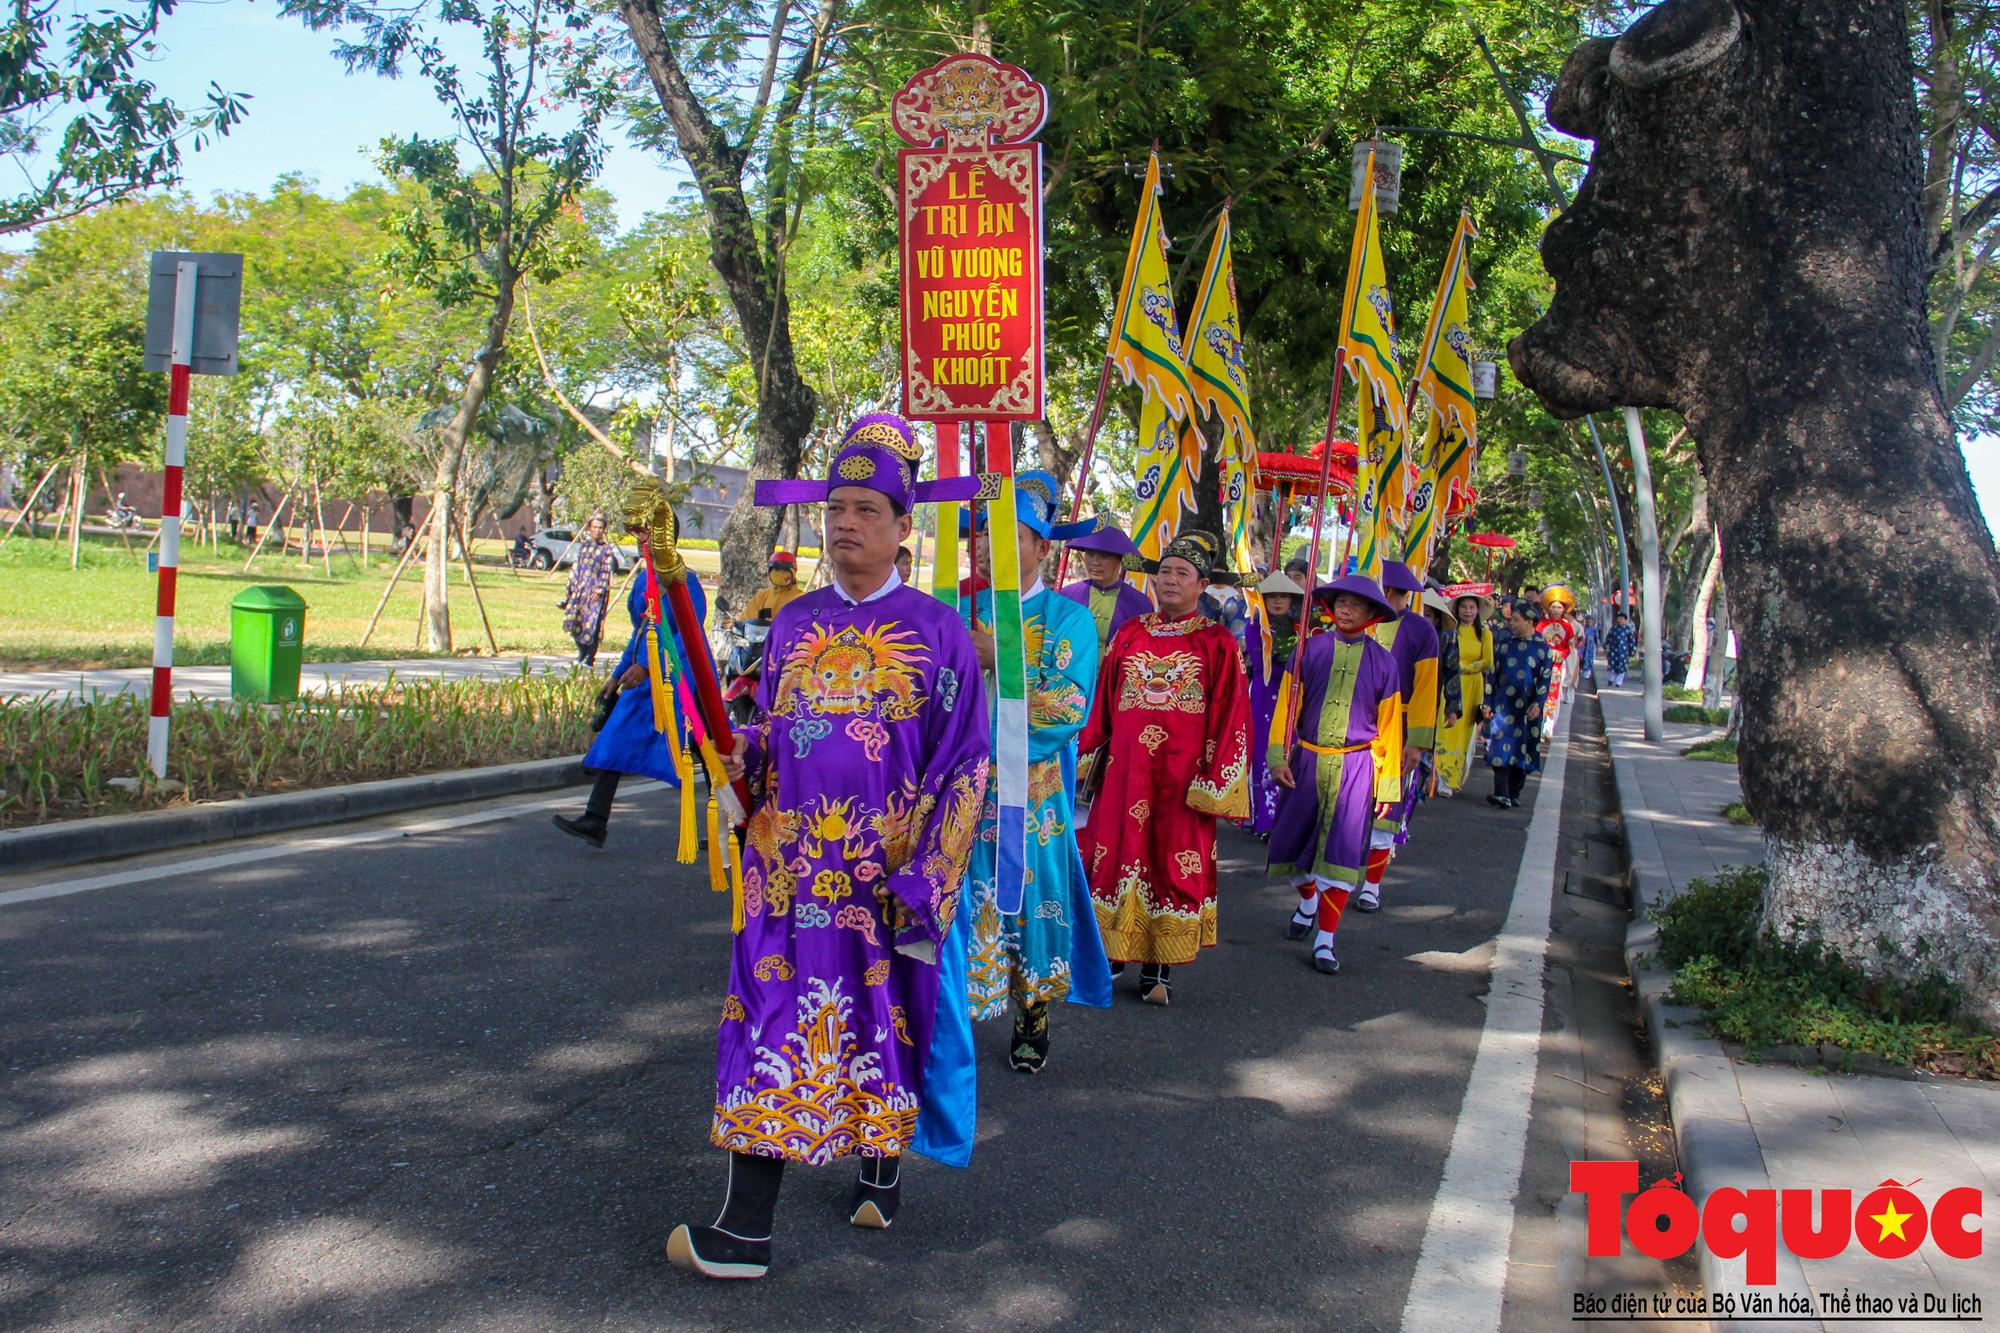 Hàng trăm tà áo dài diễu hành trên phố tri ân chúa Nguyễn Phúc Khoát - Ảnh 2.